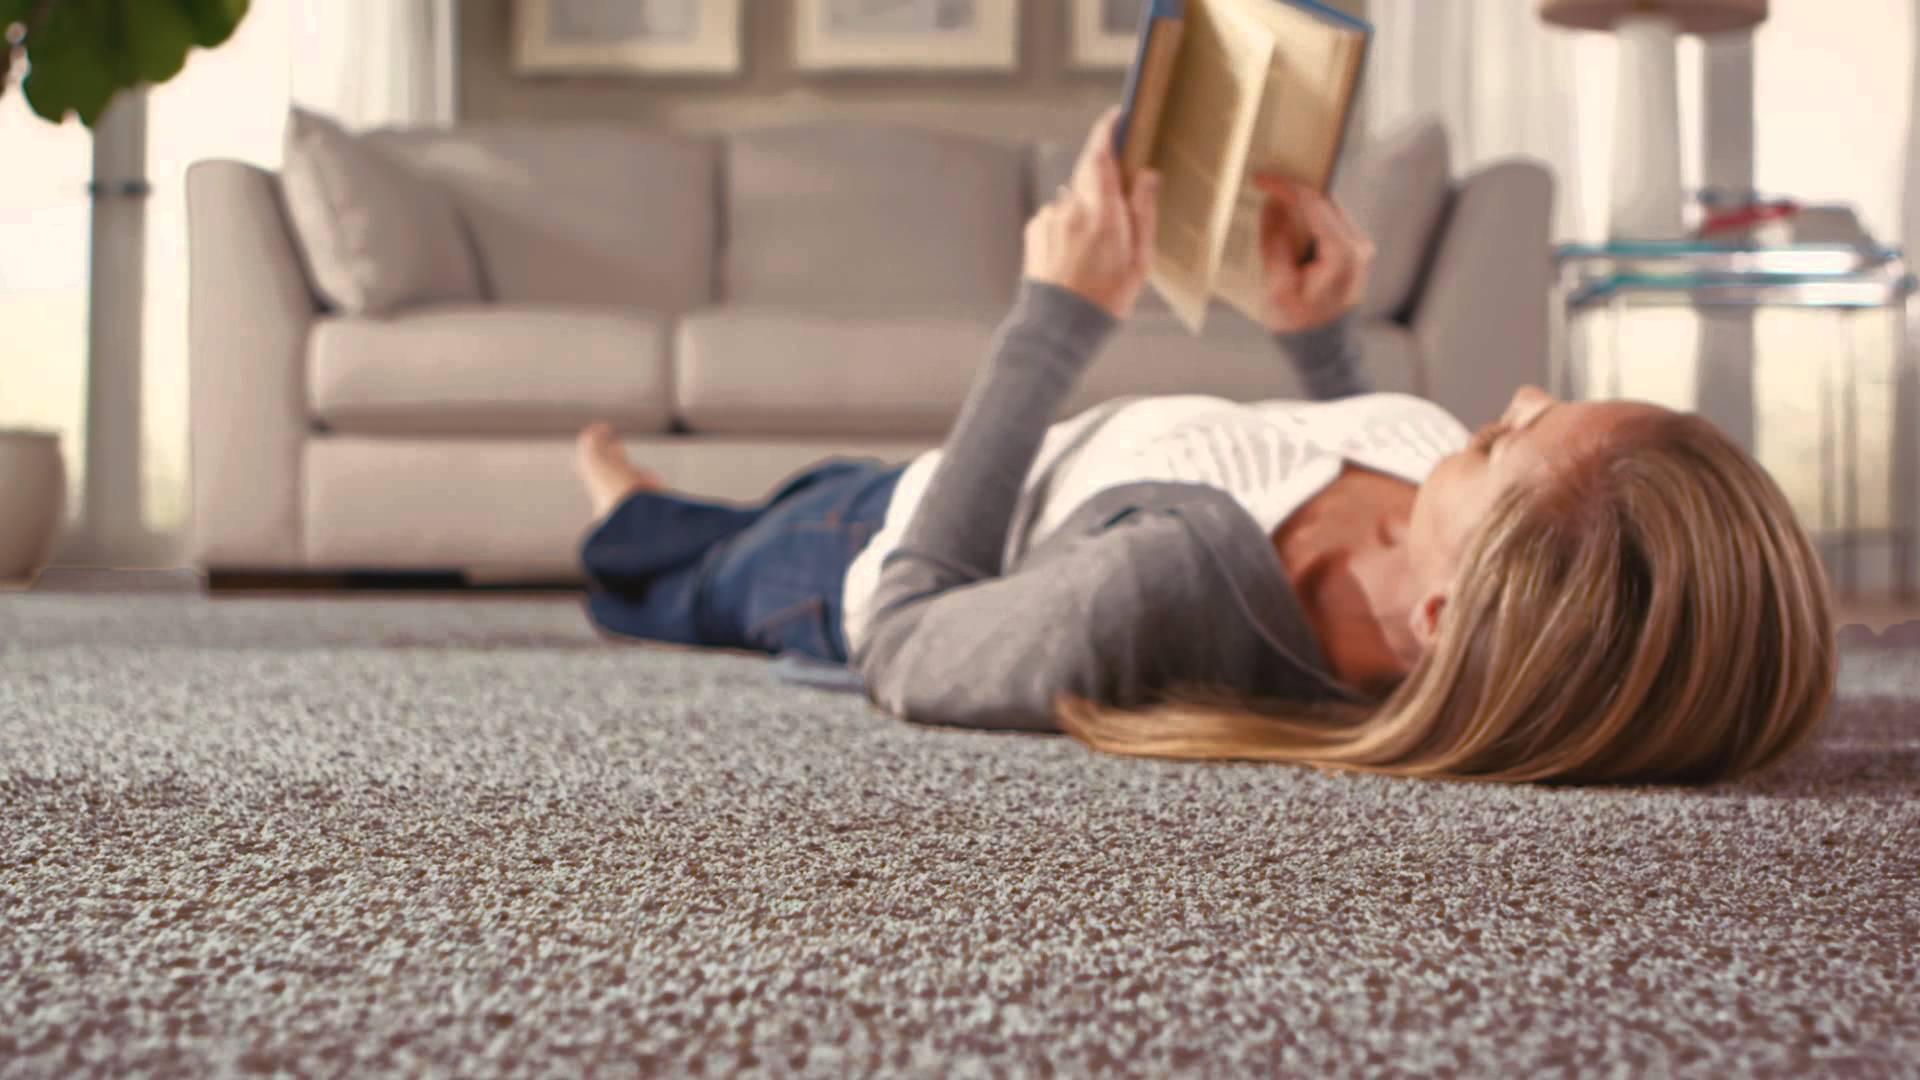 Rinfrescare Casa Fai Da Te pulizie di primavera: come rinfrescare tappeti, divani